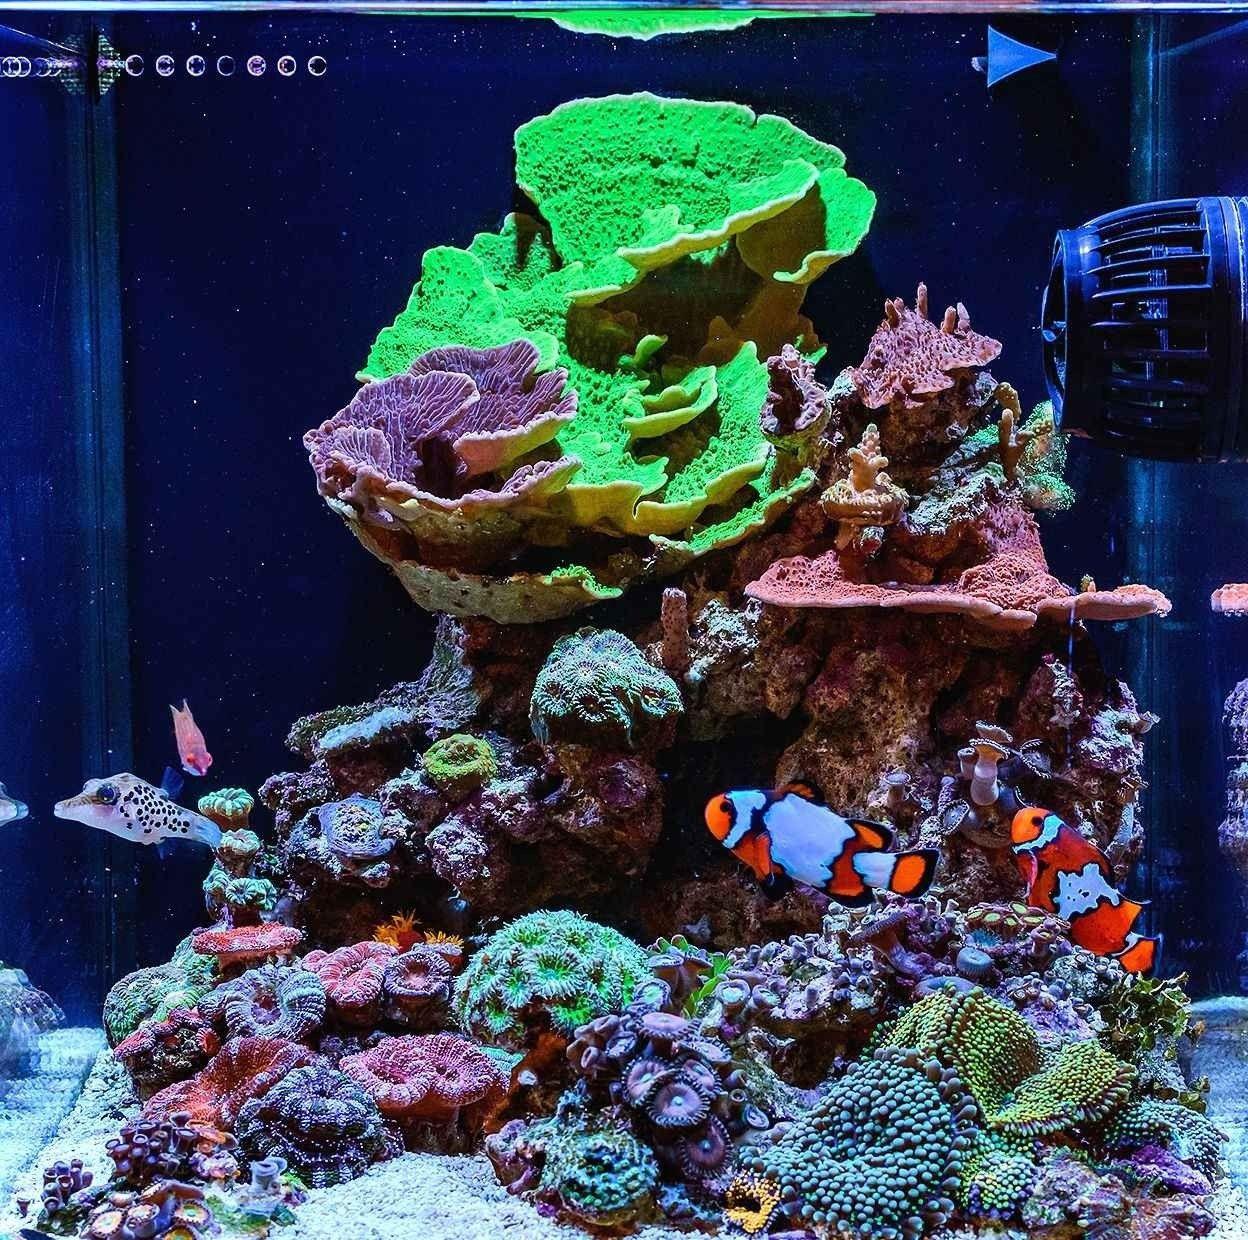 Relaxation Aquascaping Ideas For Inspiration In 2020 Saltwater Fish Tanks Reef Aquarium Saltwater Aquarium Fish